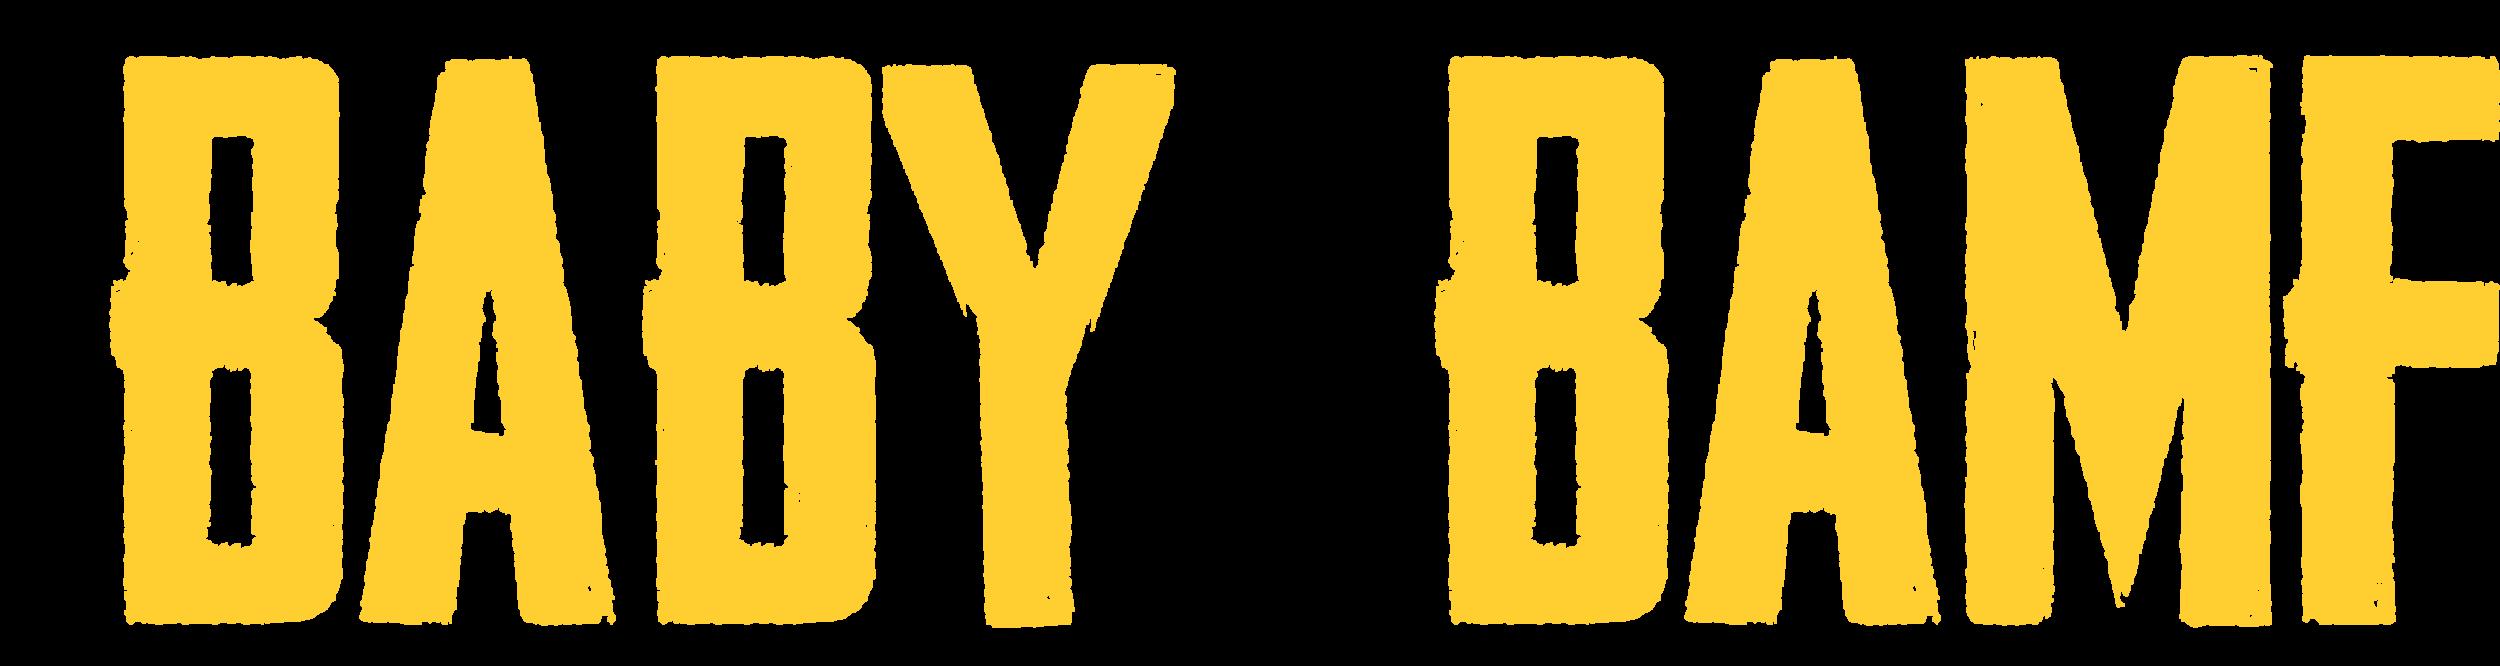 BAby bamf logo.png